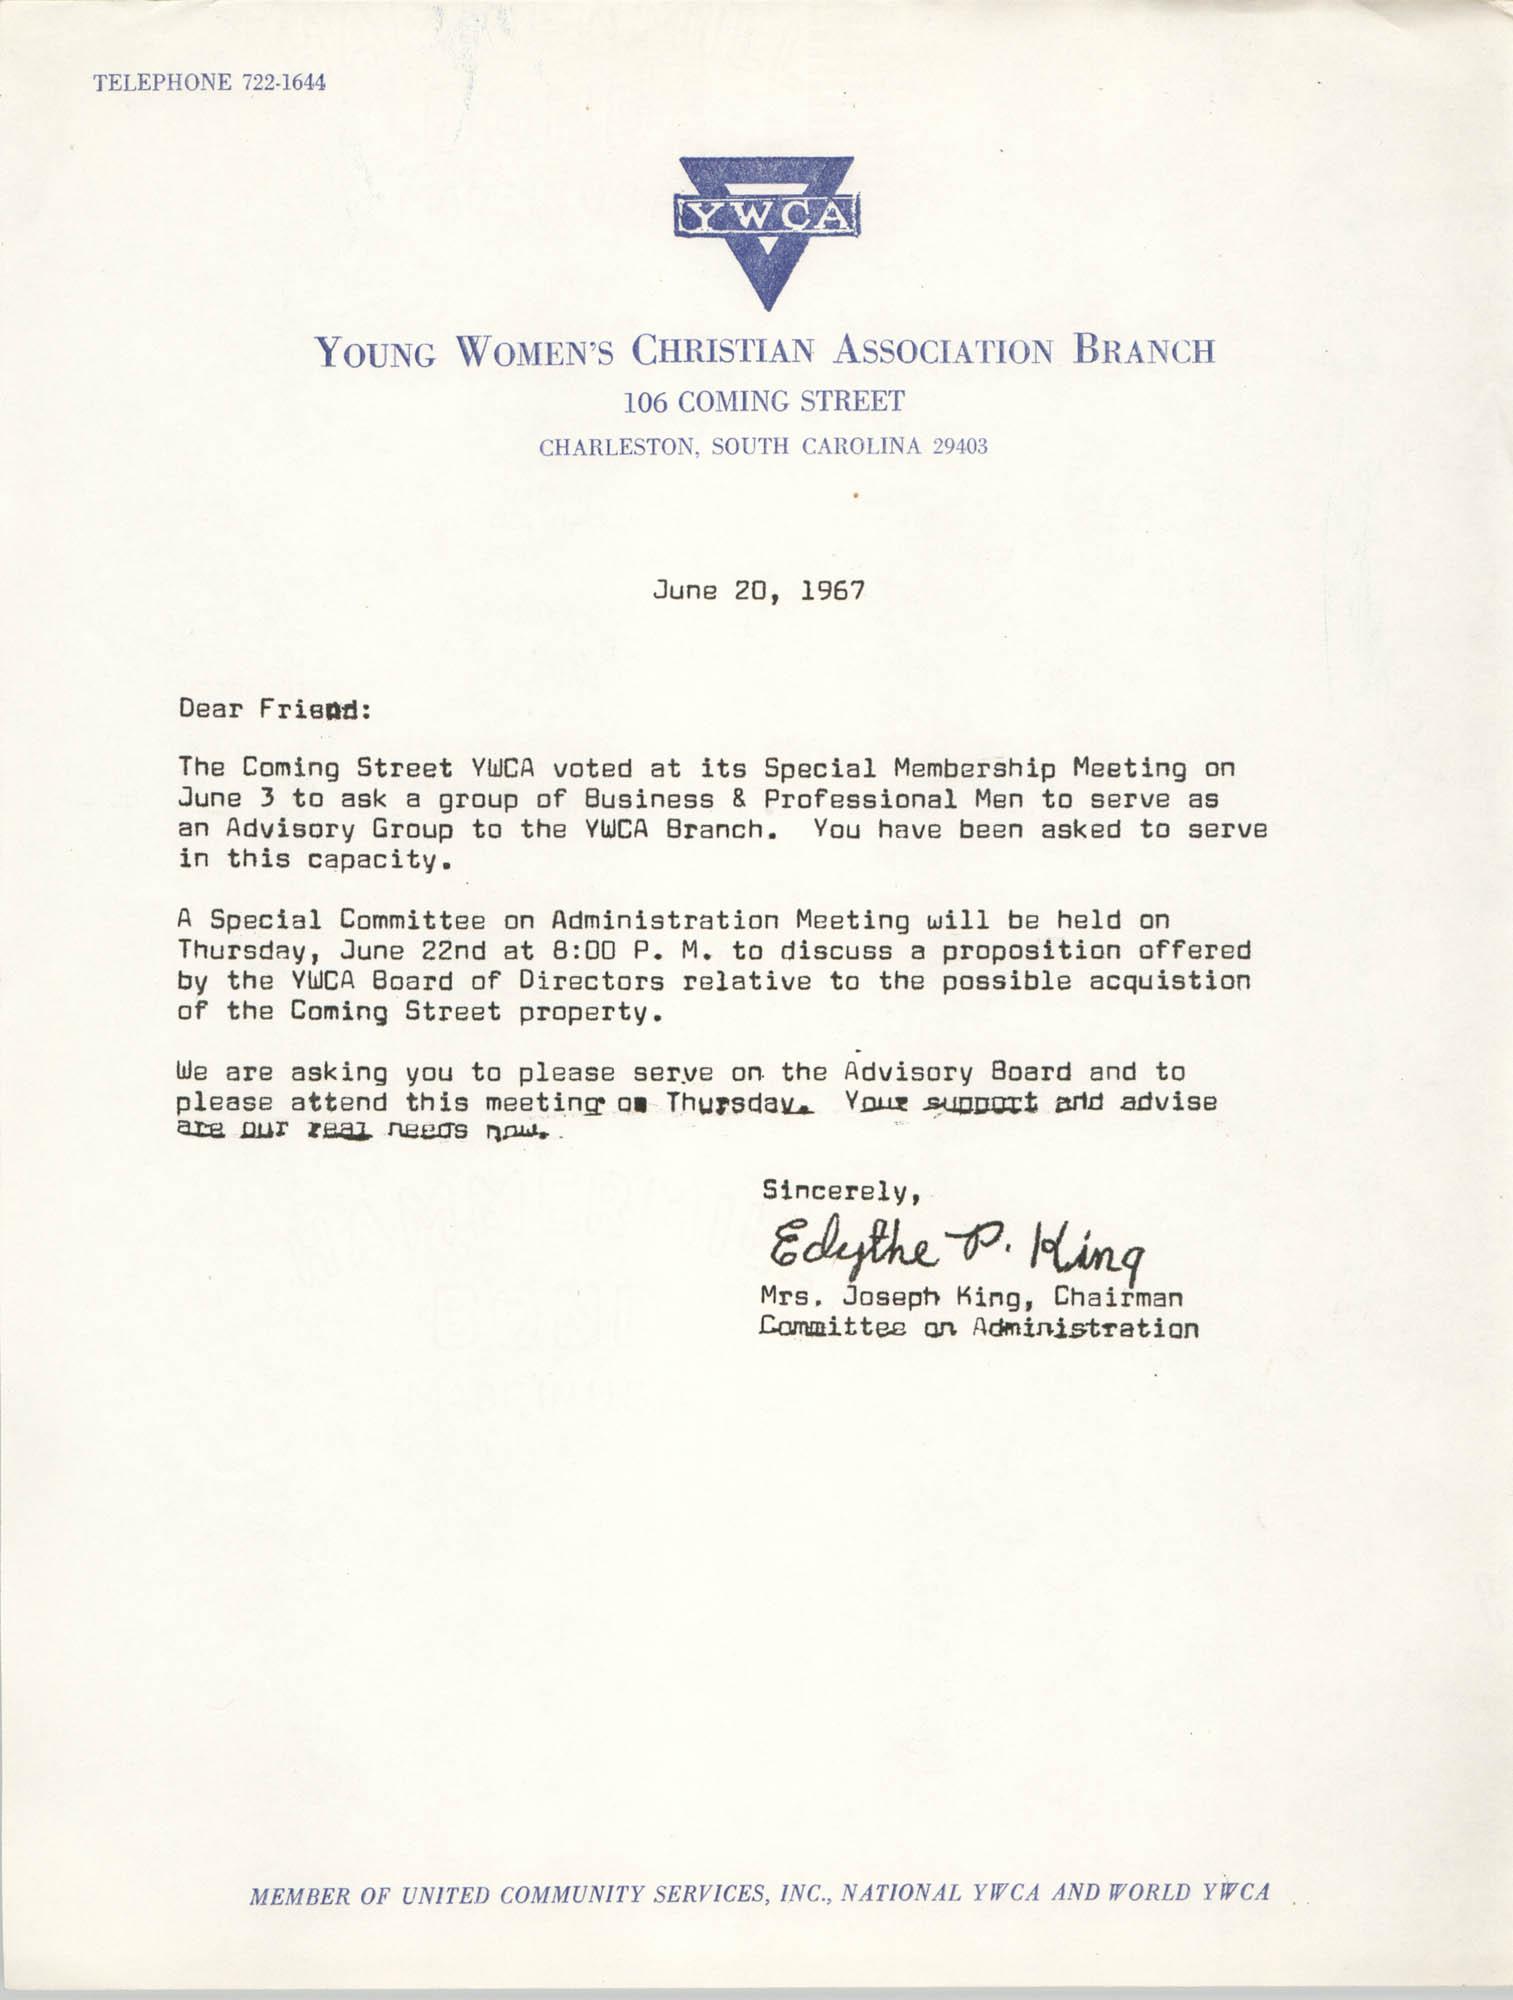 Letter from Mrs. Joseph King, June 20, 1967